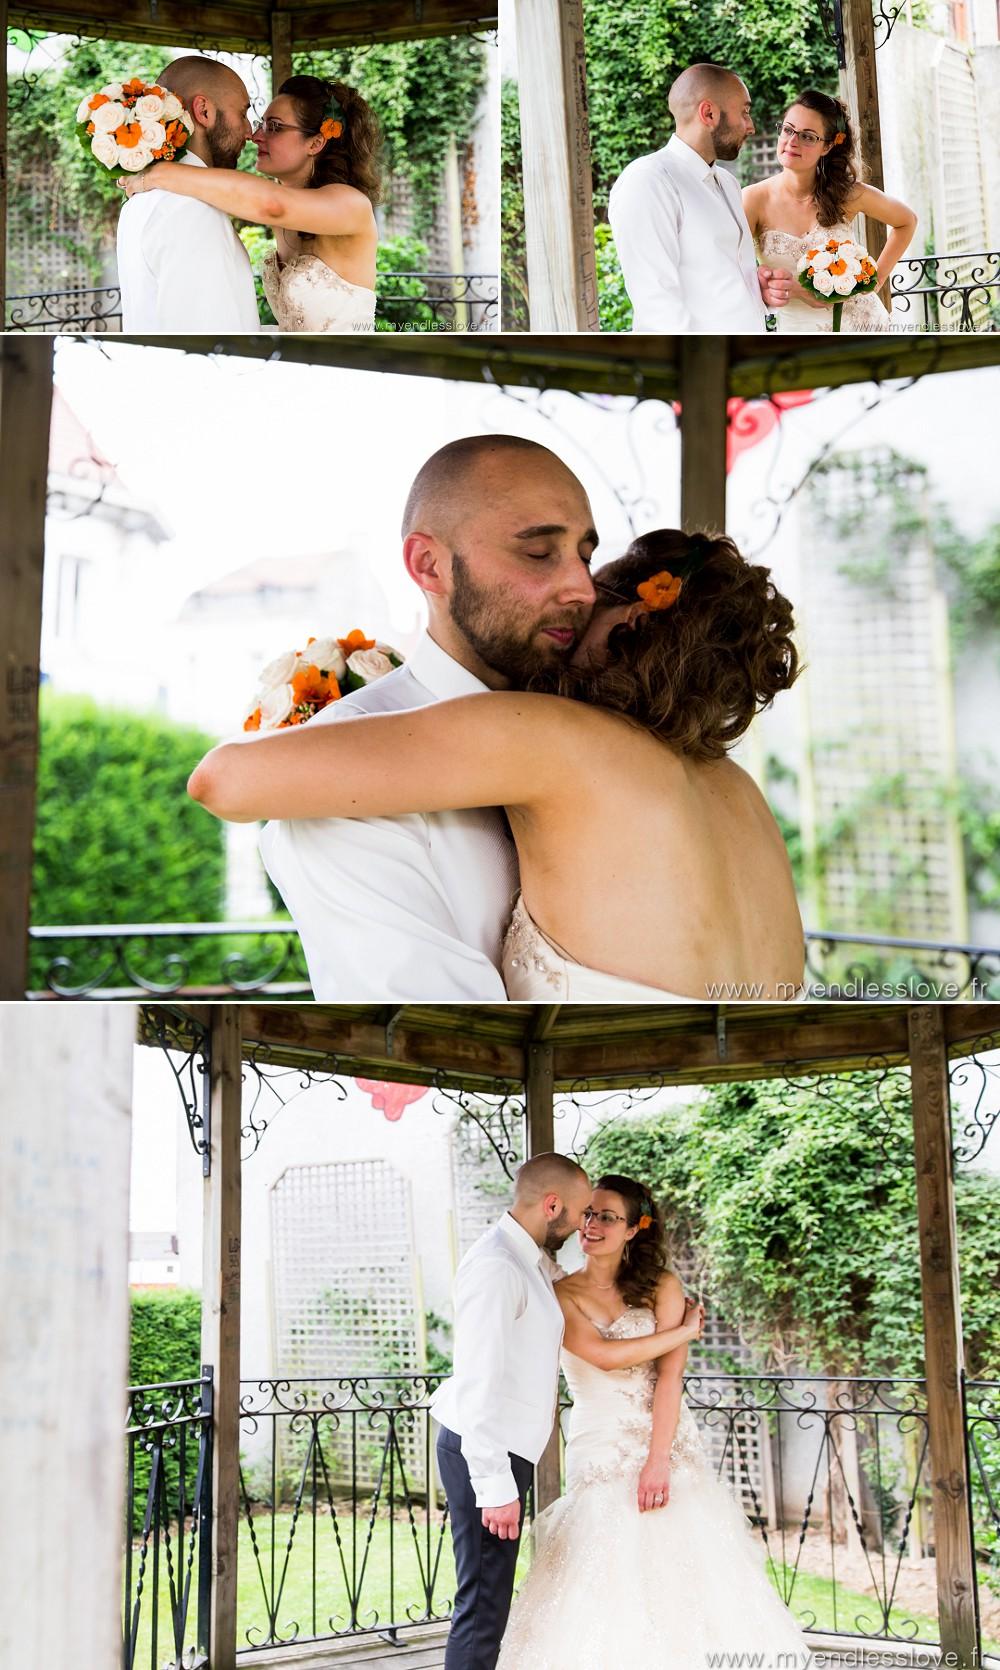 myendlesslove-photographe-mariage-lille-7-Hénin Beaumont-Lens-Salle-récetion-vin d'honneur-melanie-reichhart (8)